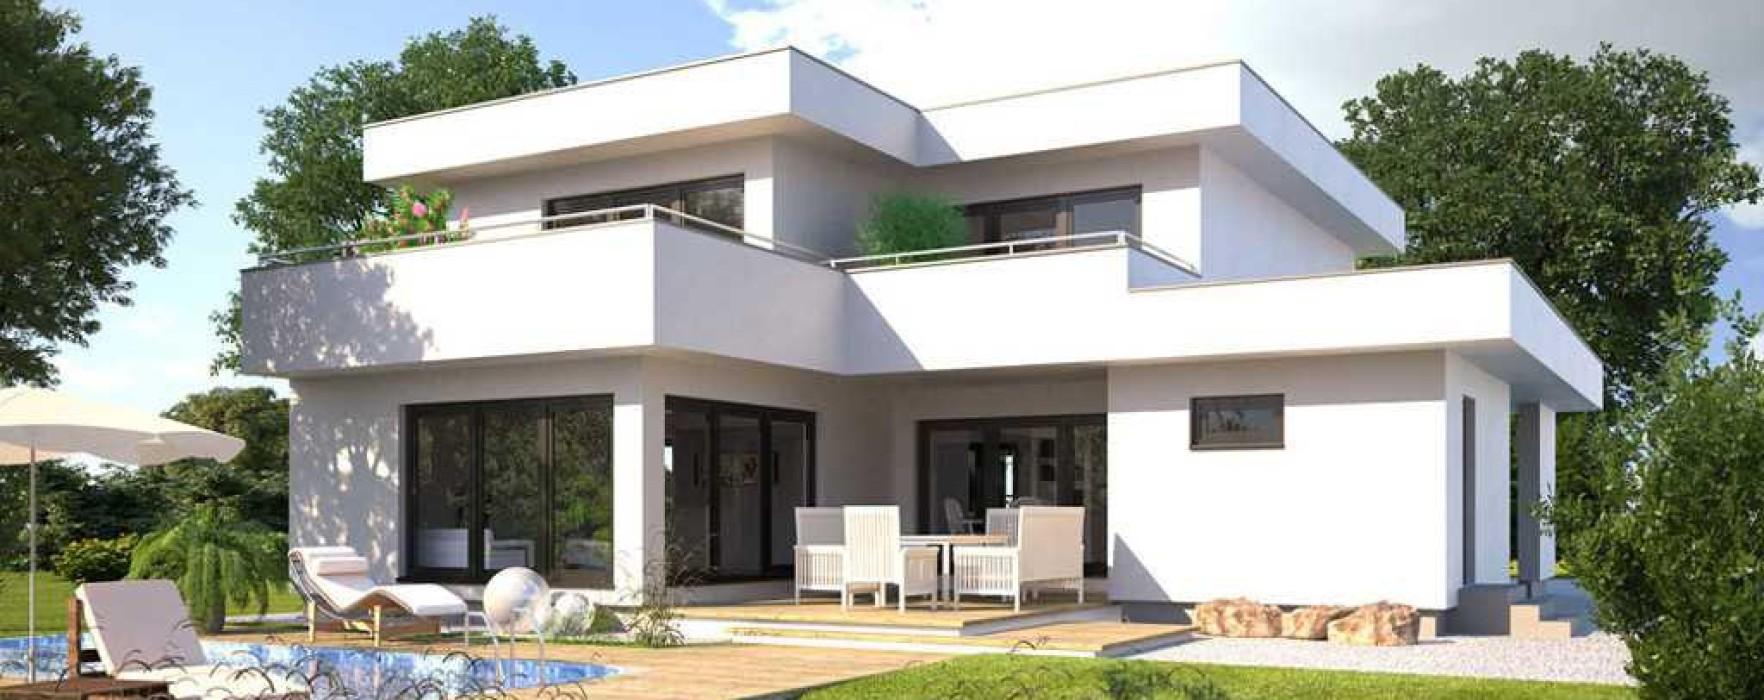 Case prefabbricate ed aria condizionata for Durata casa in legno